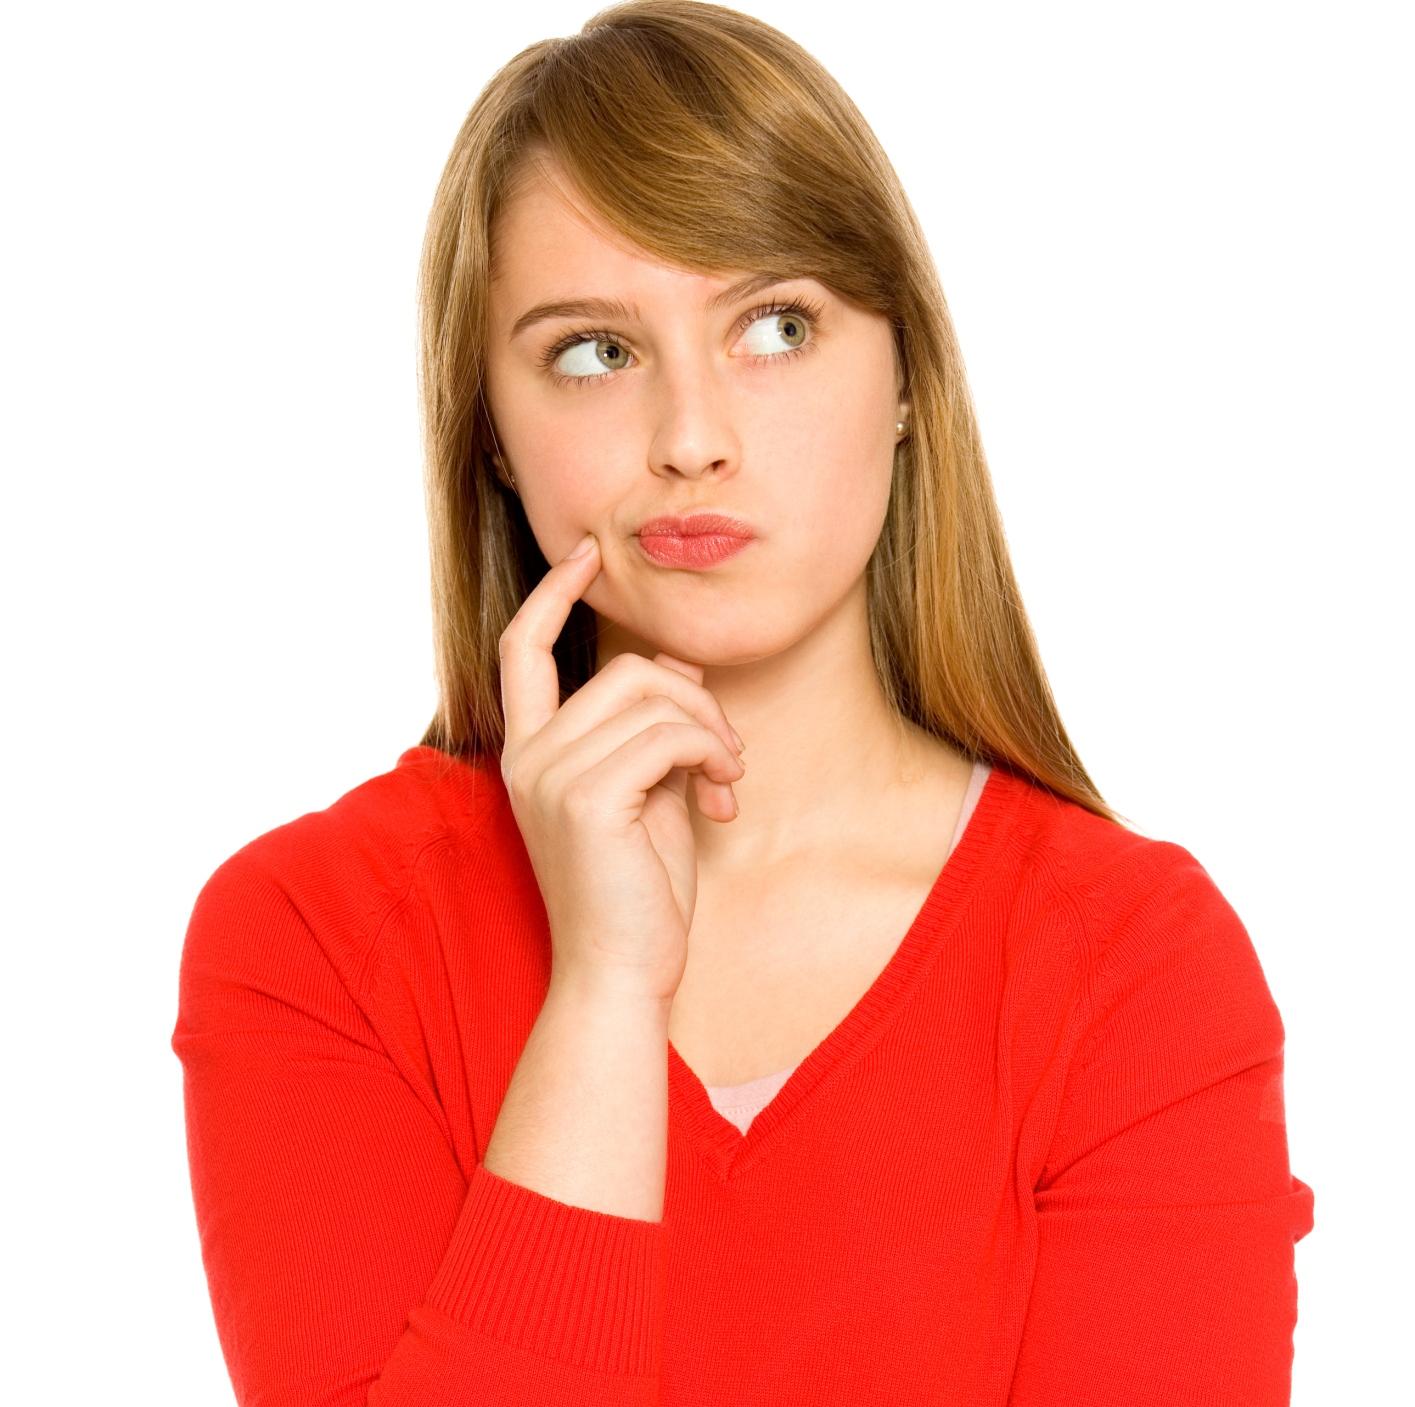 займ экспресс отзывы должников форумкредиты на покупку готового бизнеса